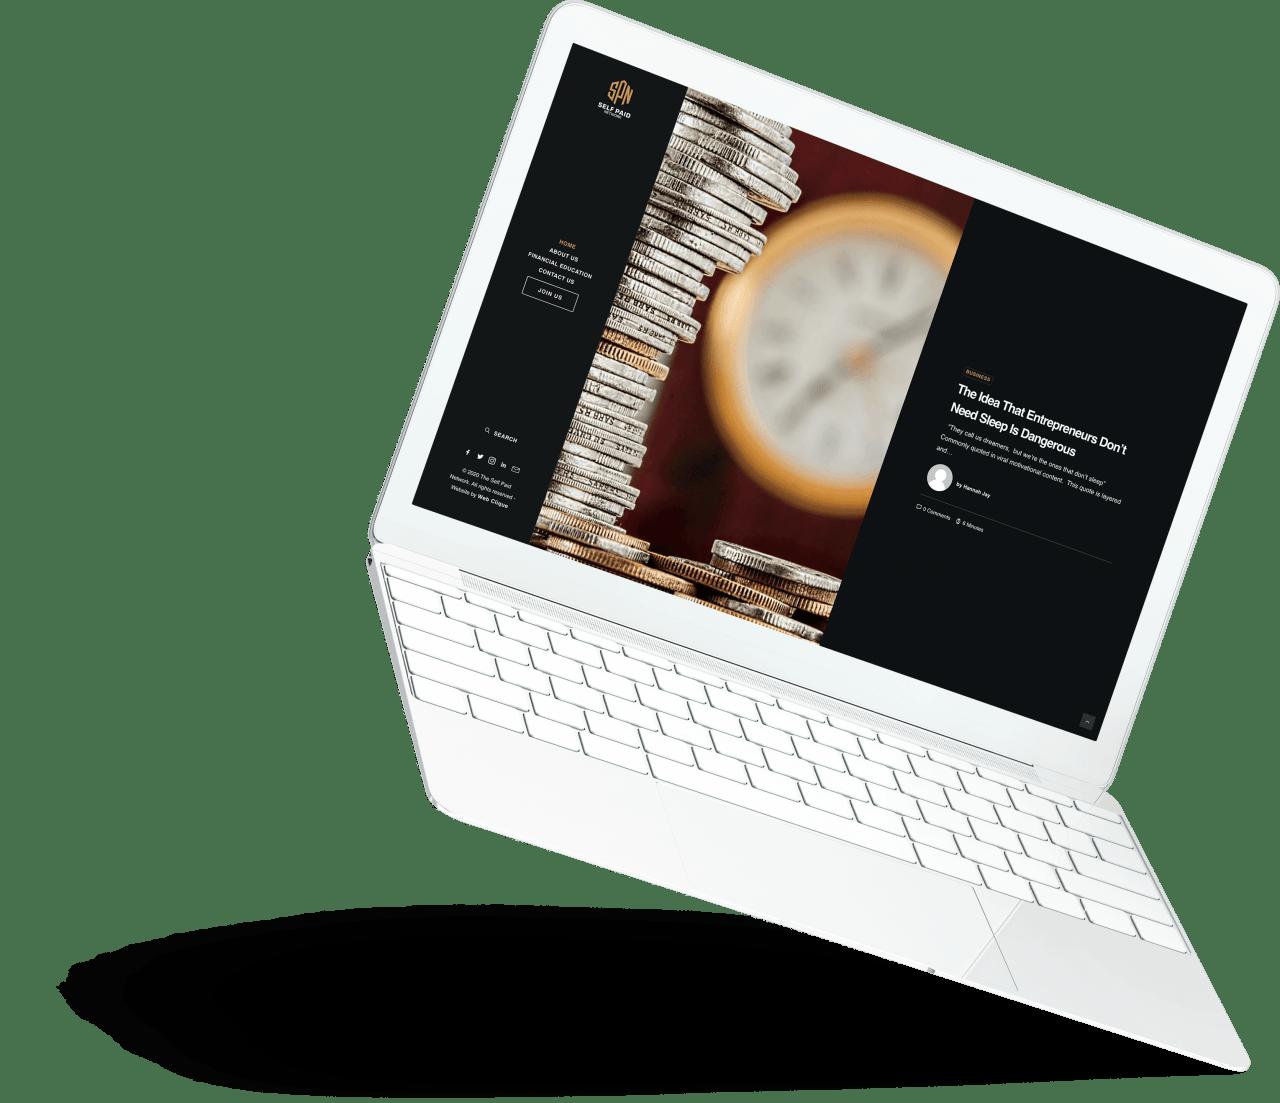 spn-macbook